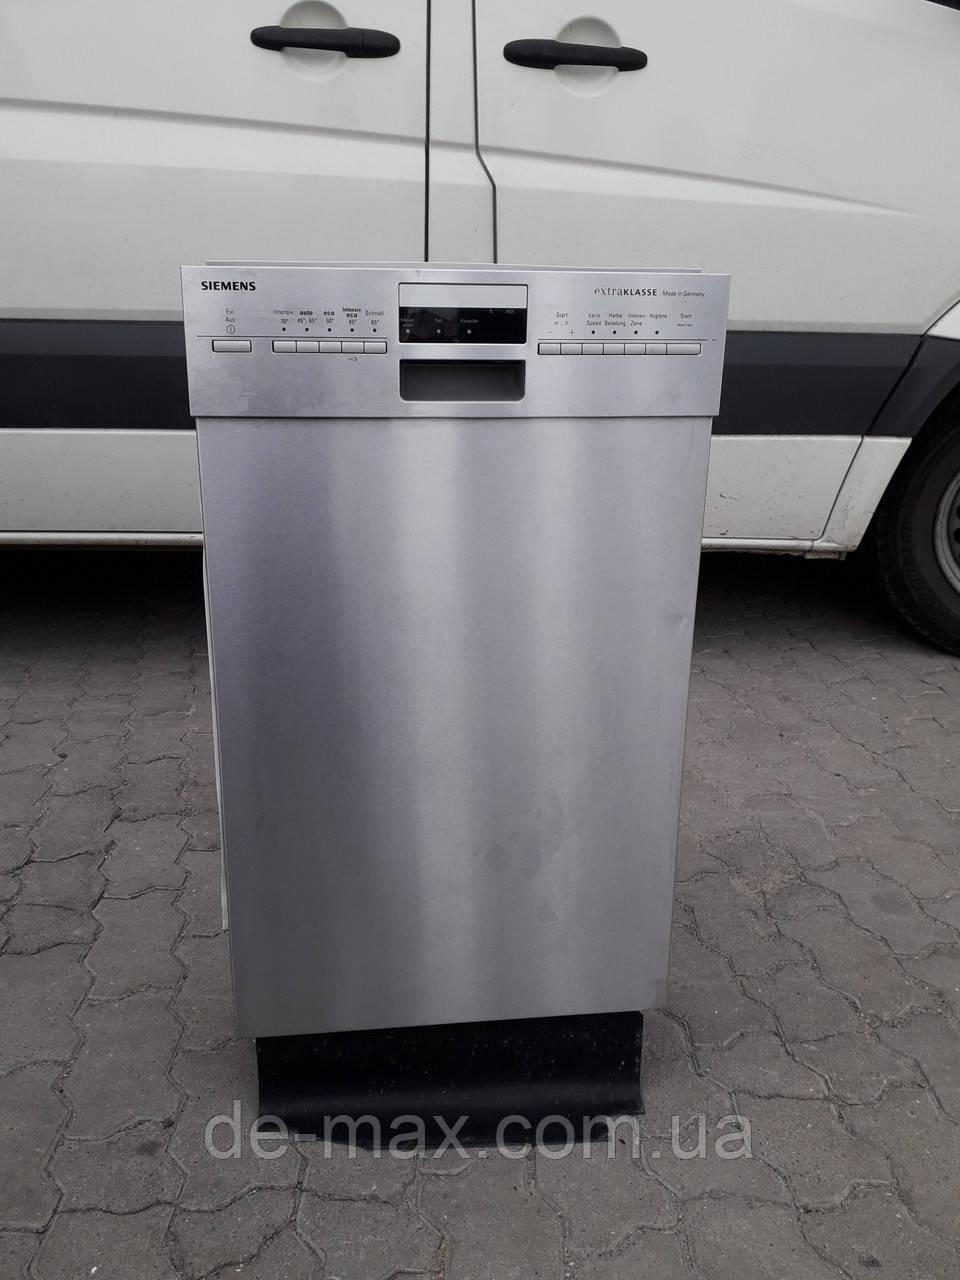 Посудомоечная машина 45см узкая А+++ Siemens extra class SR48M550DE